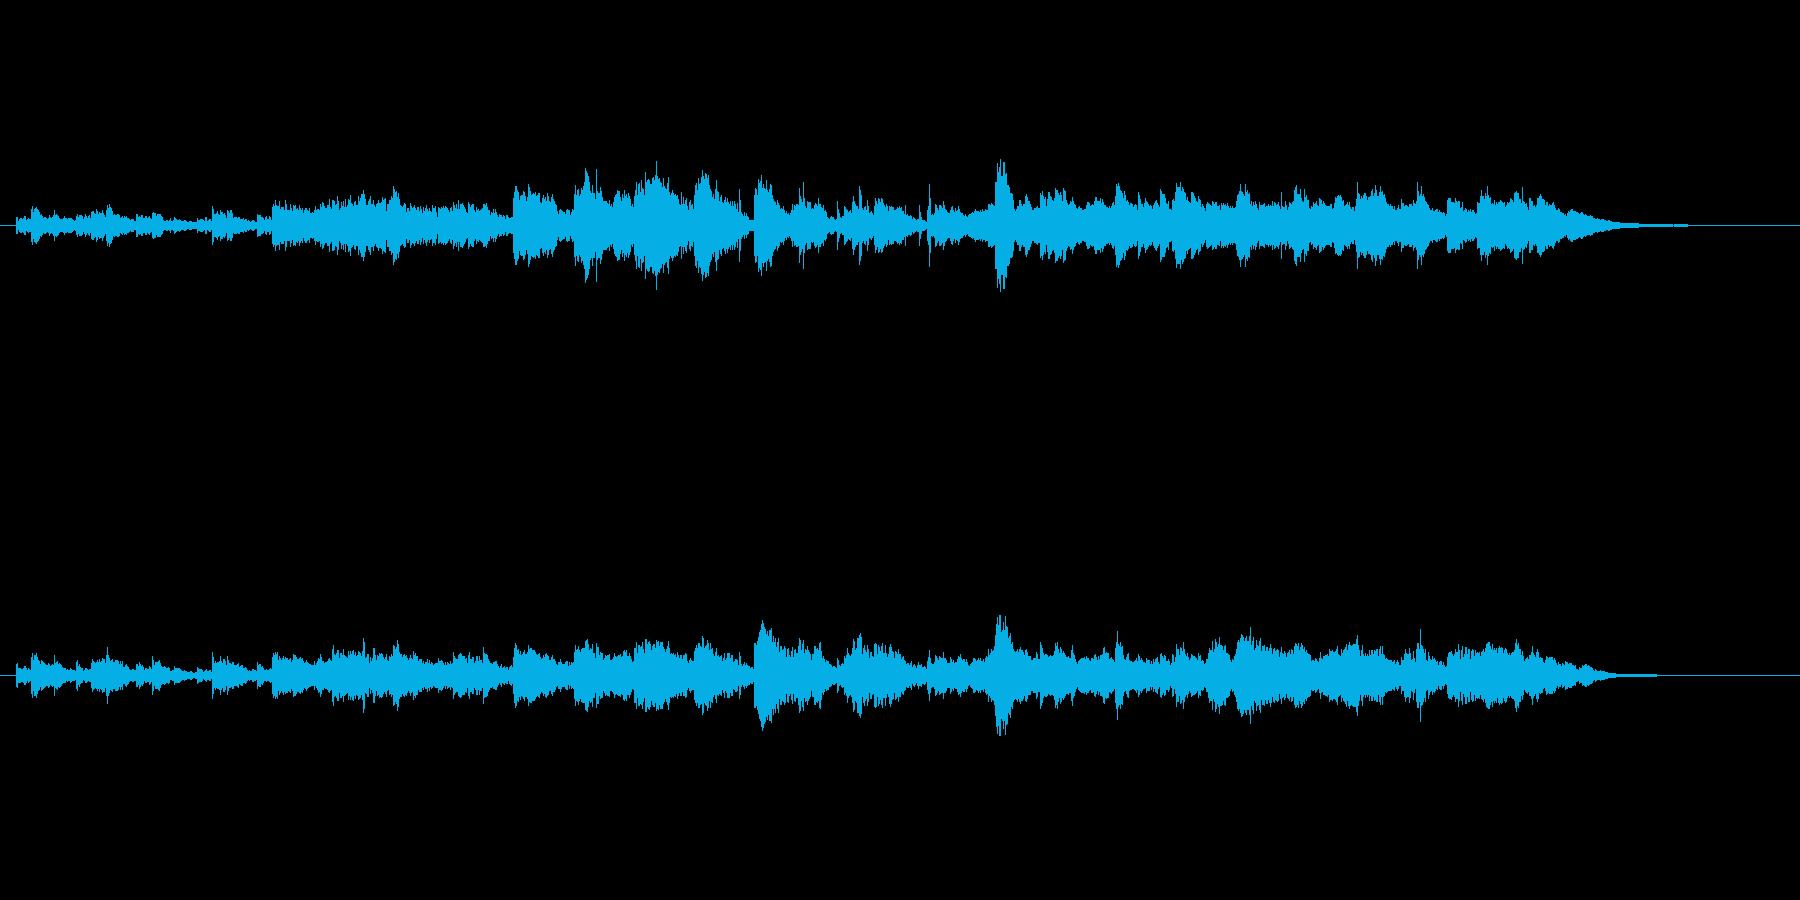 クラシカルな環境音楽風(春のせせらぎ)の再生済みの波形